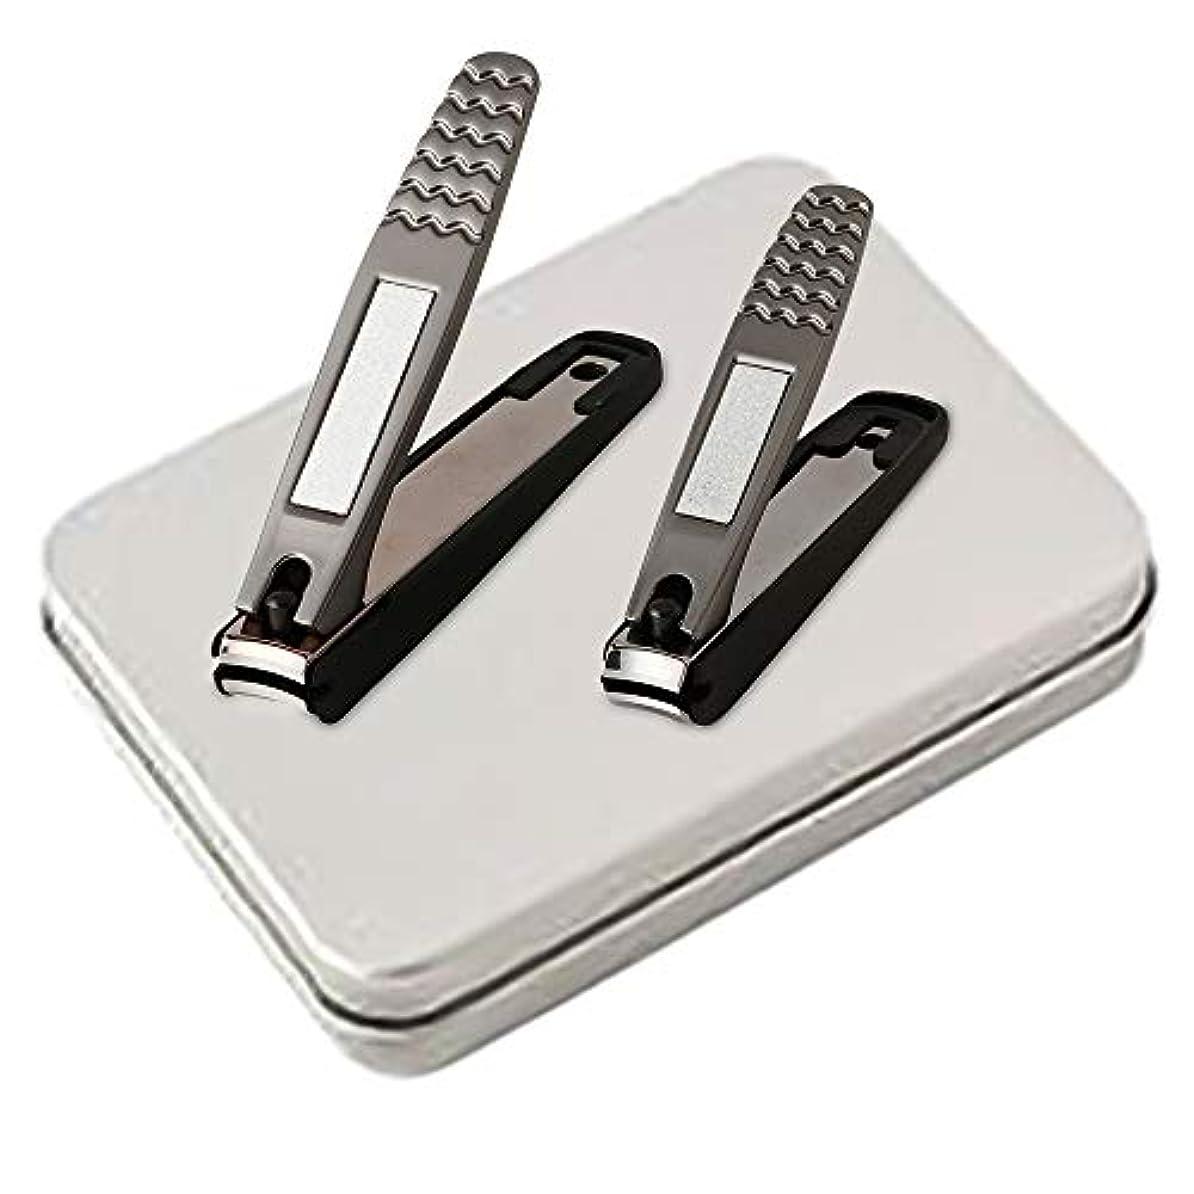 に対応立ち向かう食用爪切り Sokaiwheel ステンレス製 高級 爪切り 飛び散り防止 収納ケース付き 手足用 2本セット